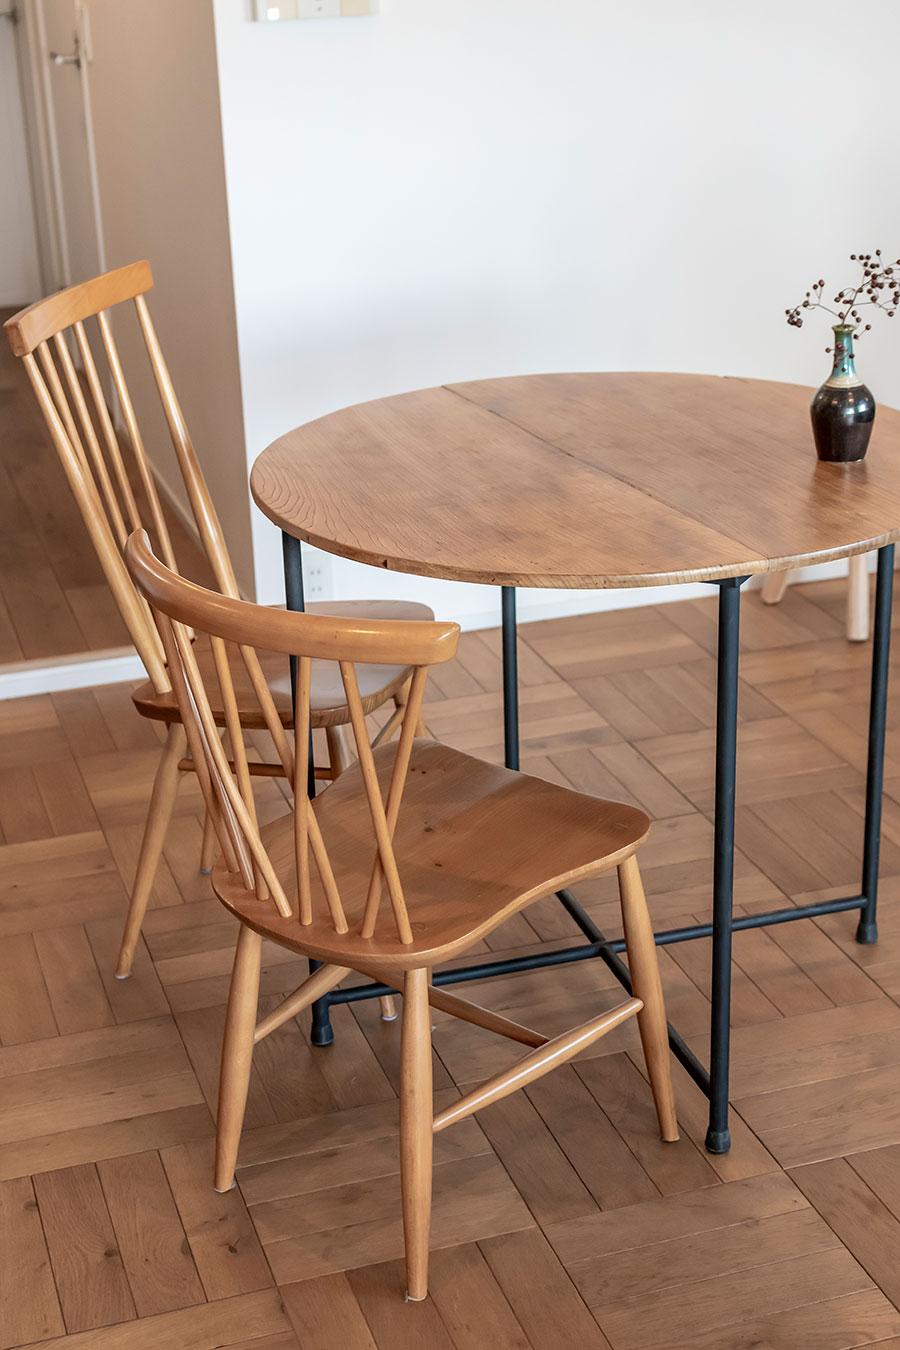 ちゃぶ台の天板を再利用した丸テーブル。